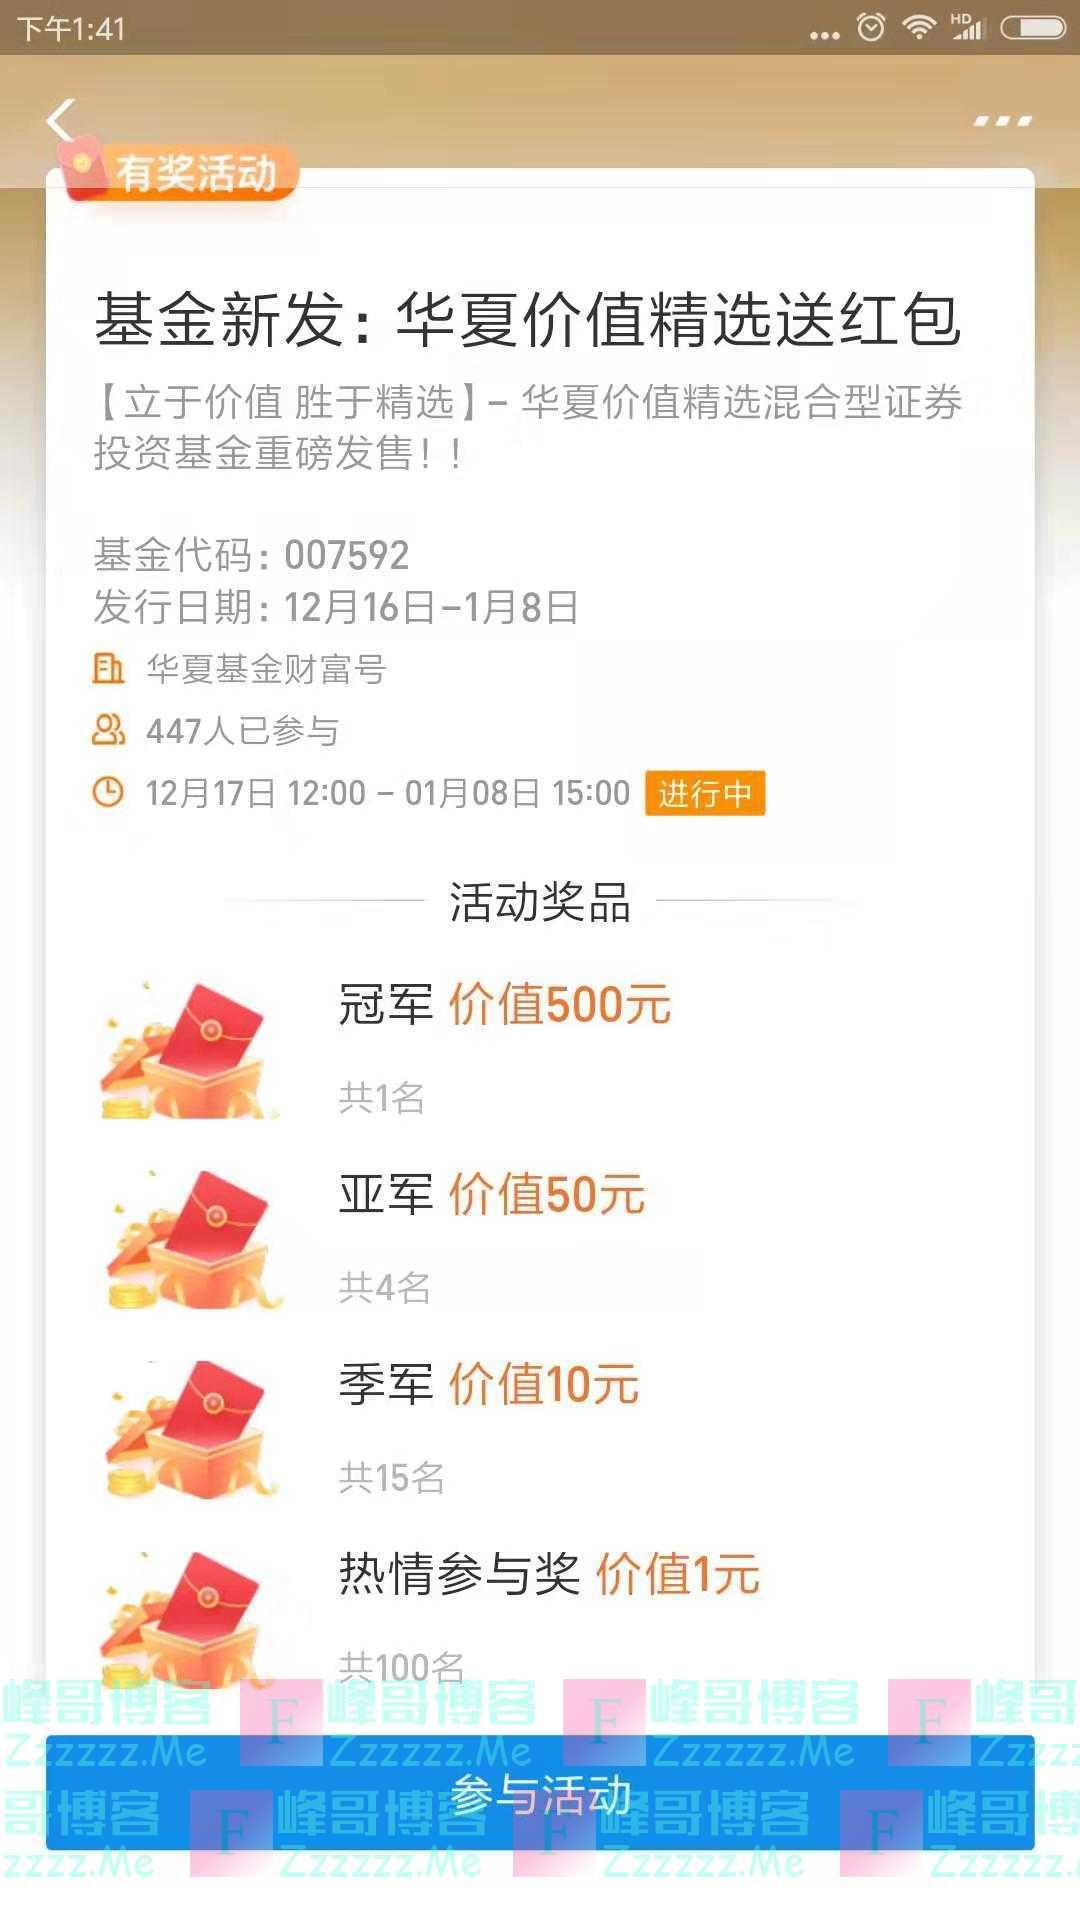 华夏基金华夏价值精选送红包(截止1月8日)